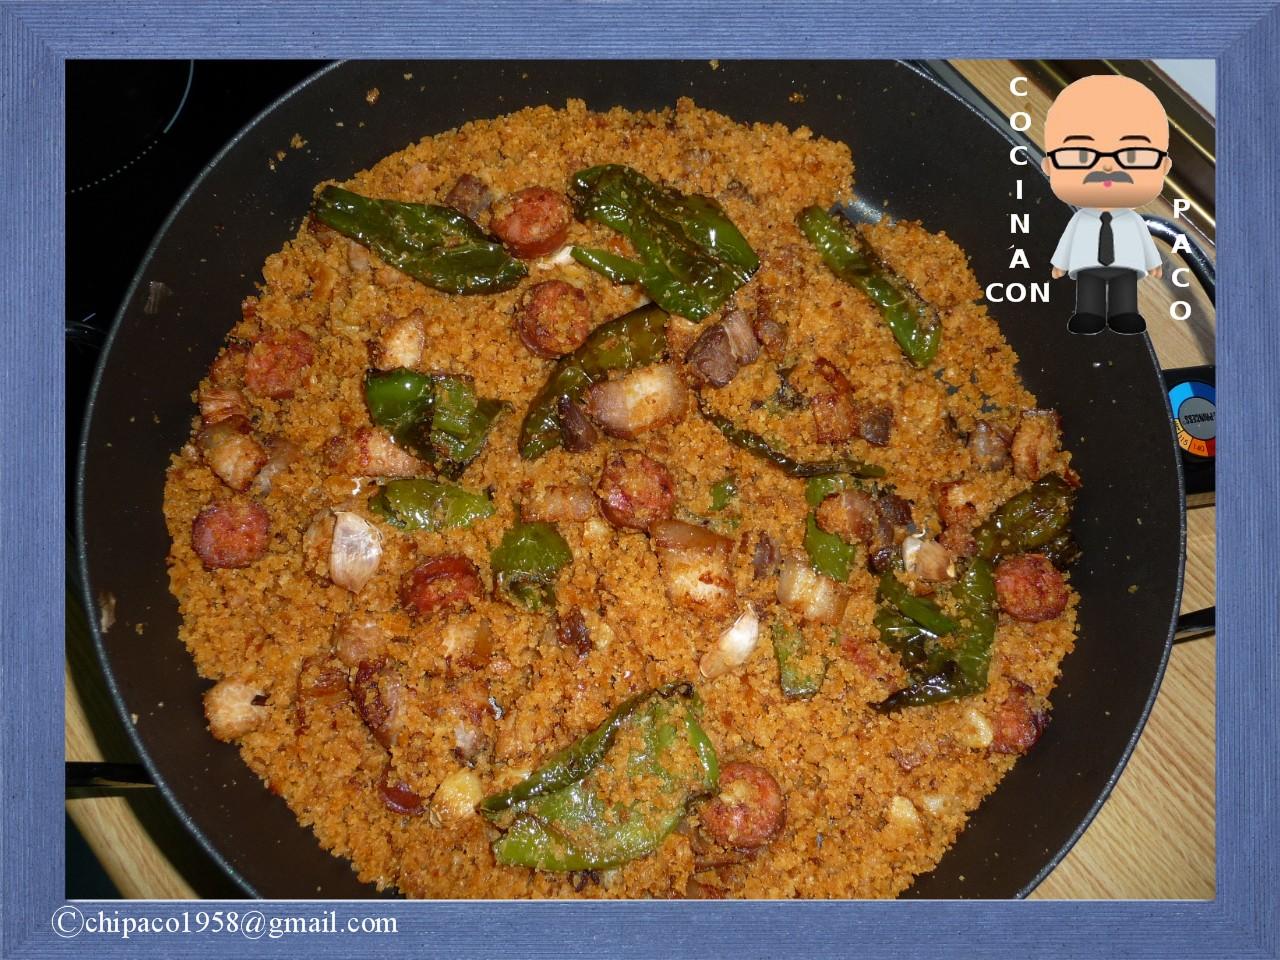 Cocina con Paco: Migas